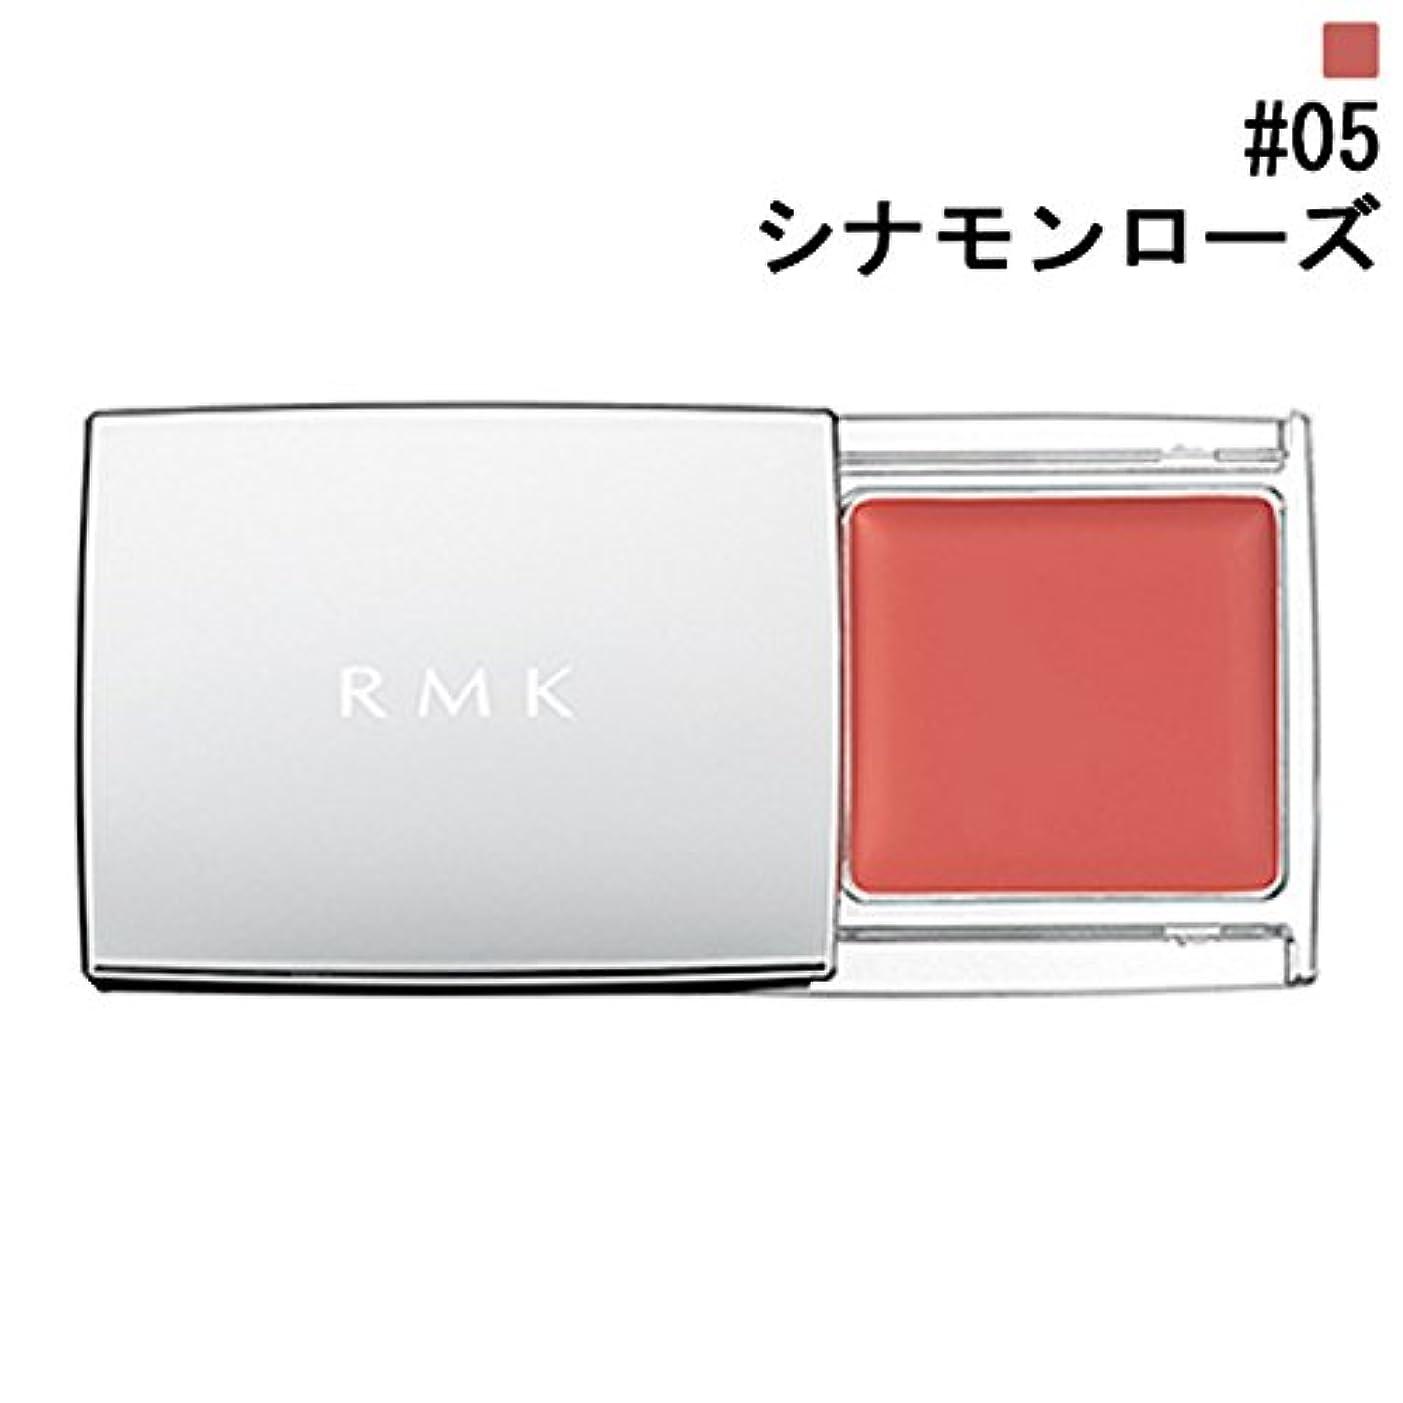 証人やさしく定常【RMK (ルミコ)】RMK マルチペイントカラーズ #05 シナモンローズ 1.5g